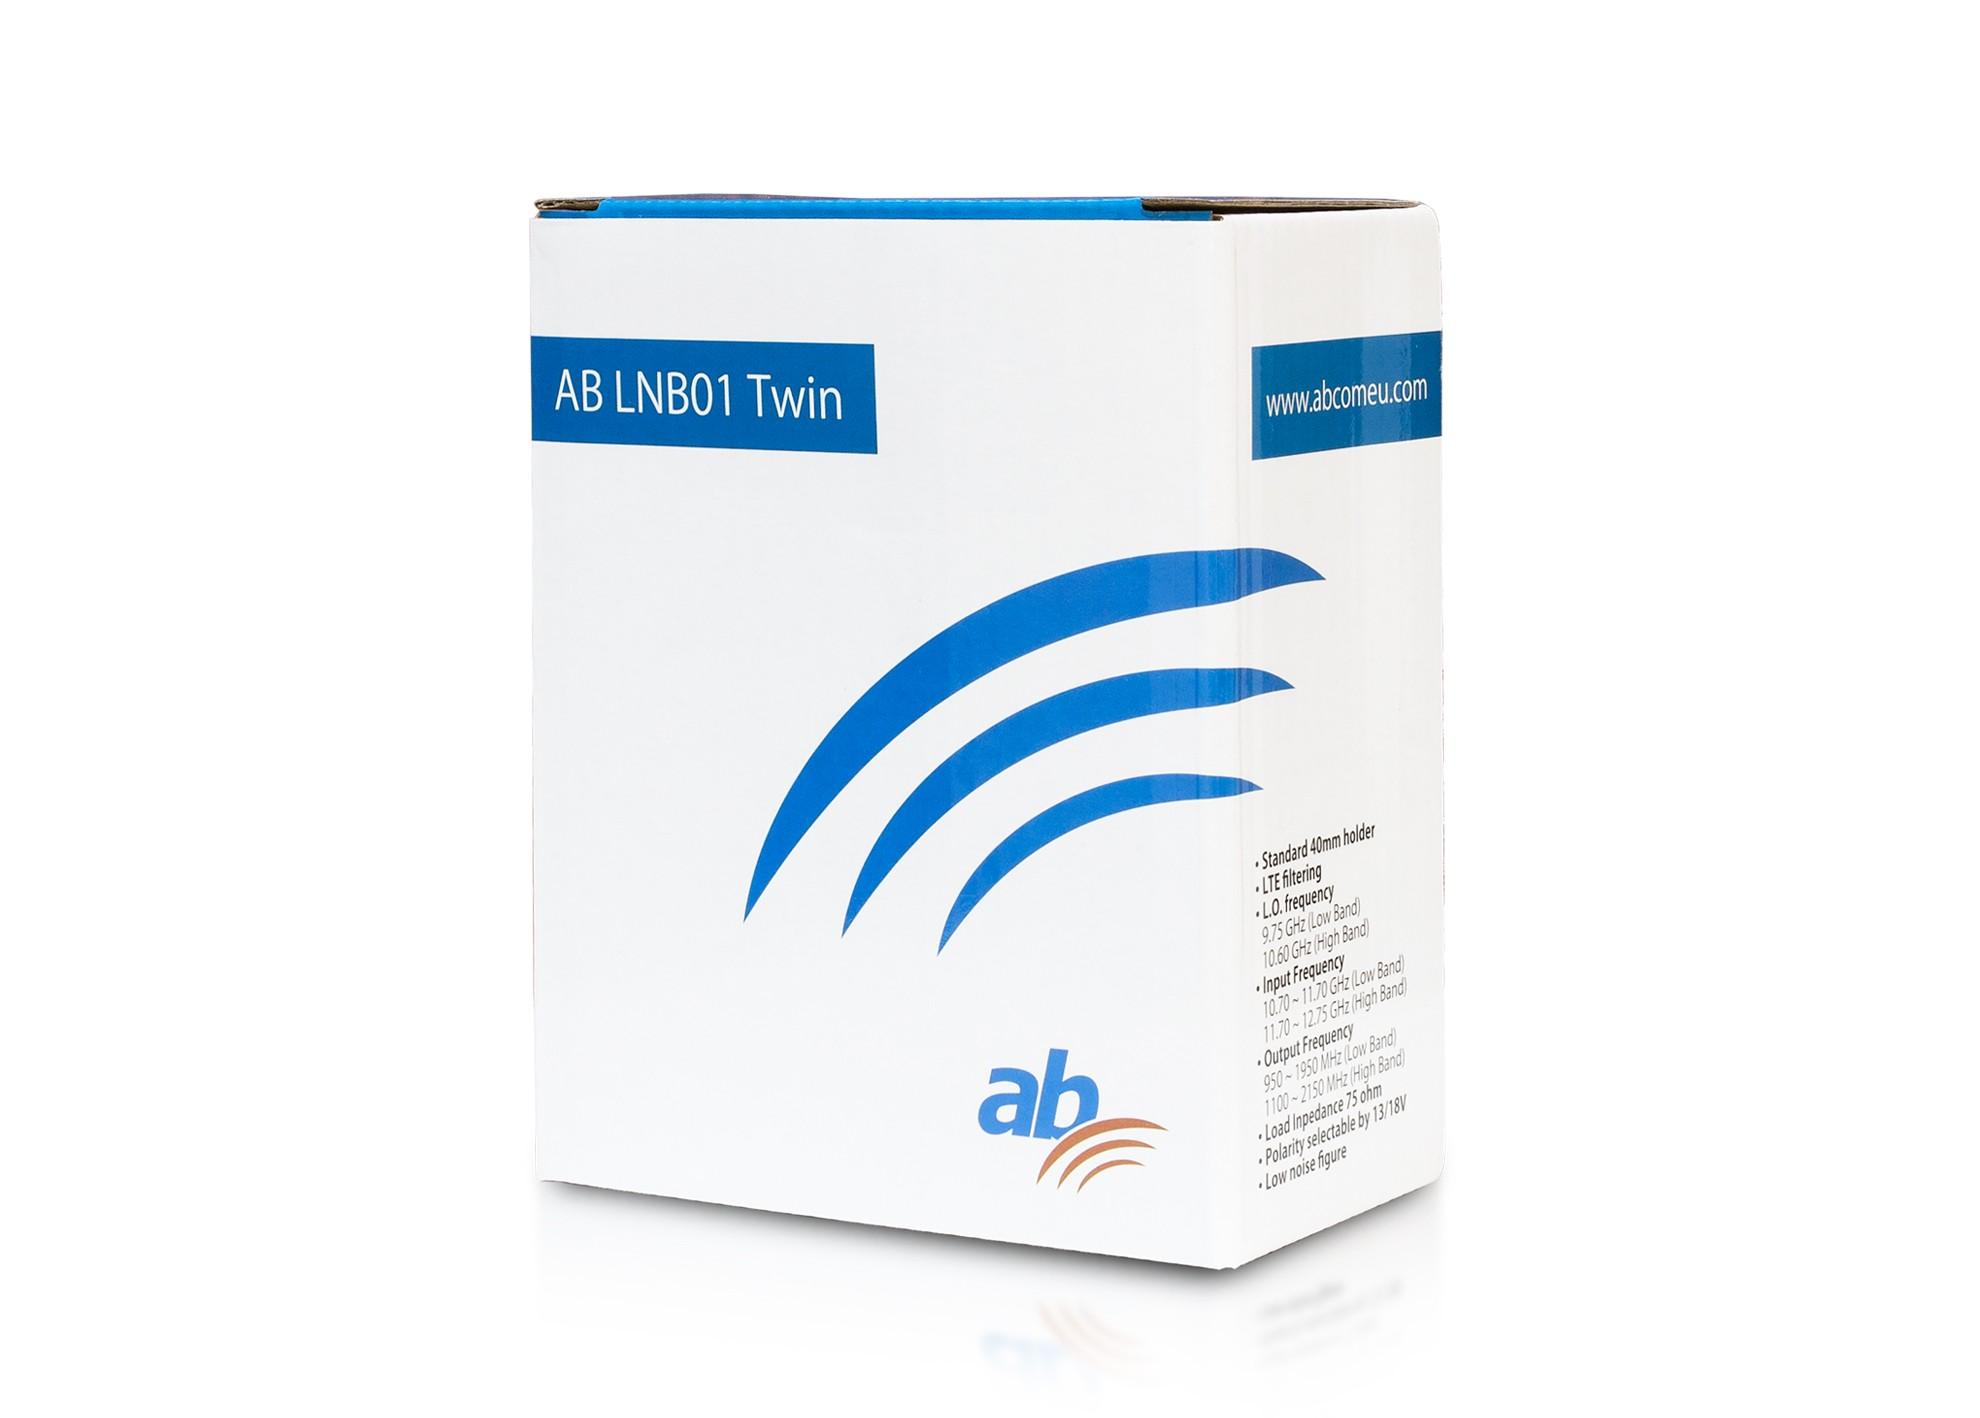 AB LNB01 Twin Blue Edition